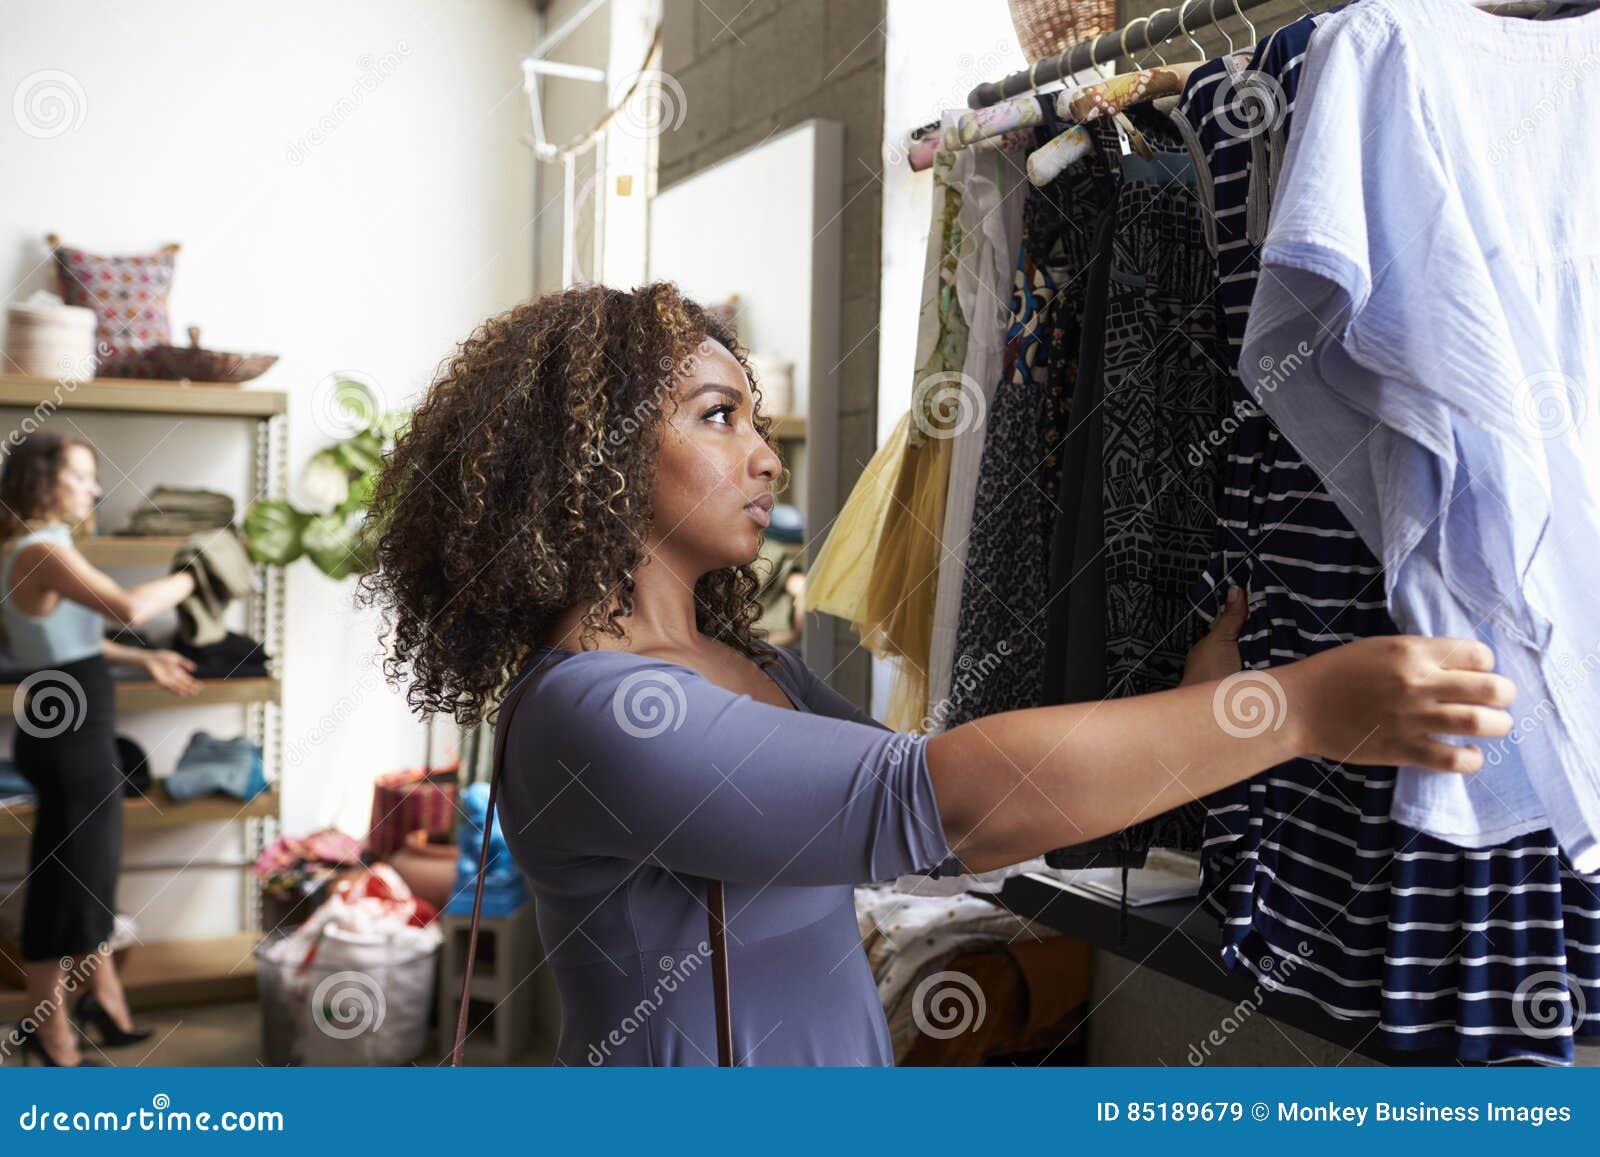 Cliente que olha a roupa em um trilho de suspensão em um boutique